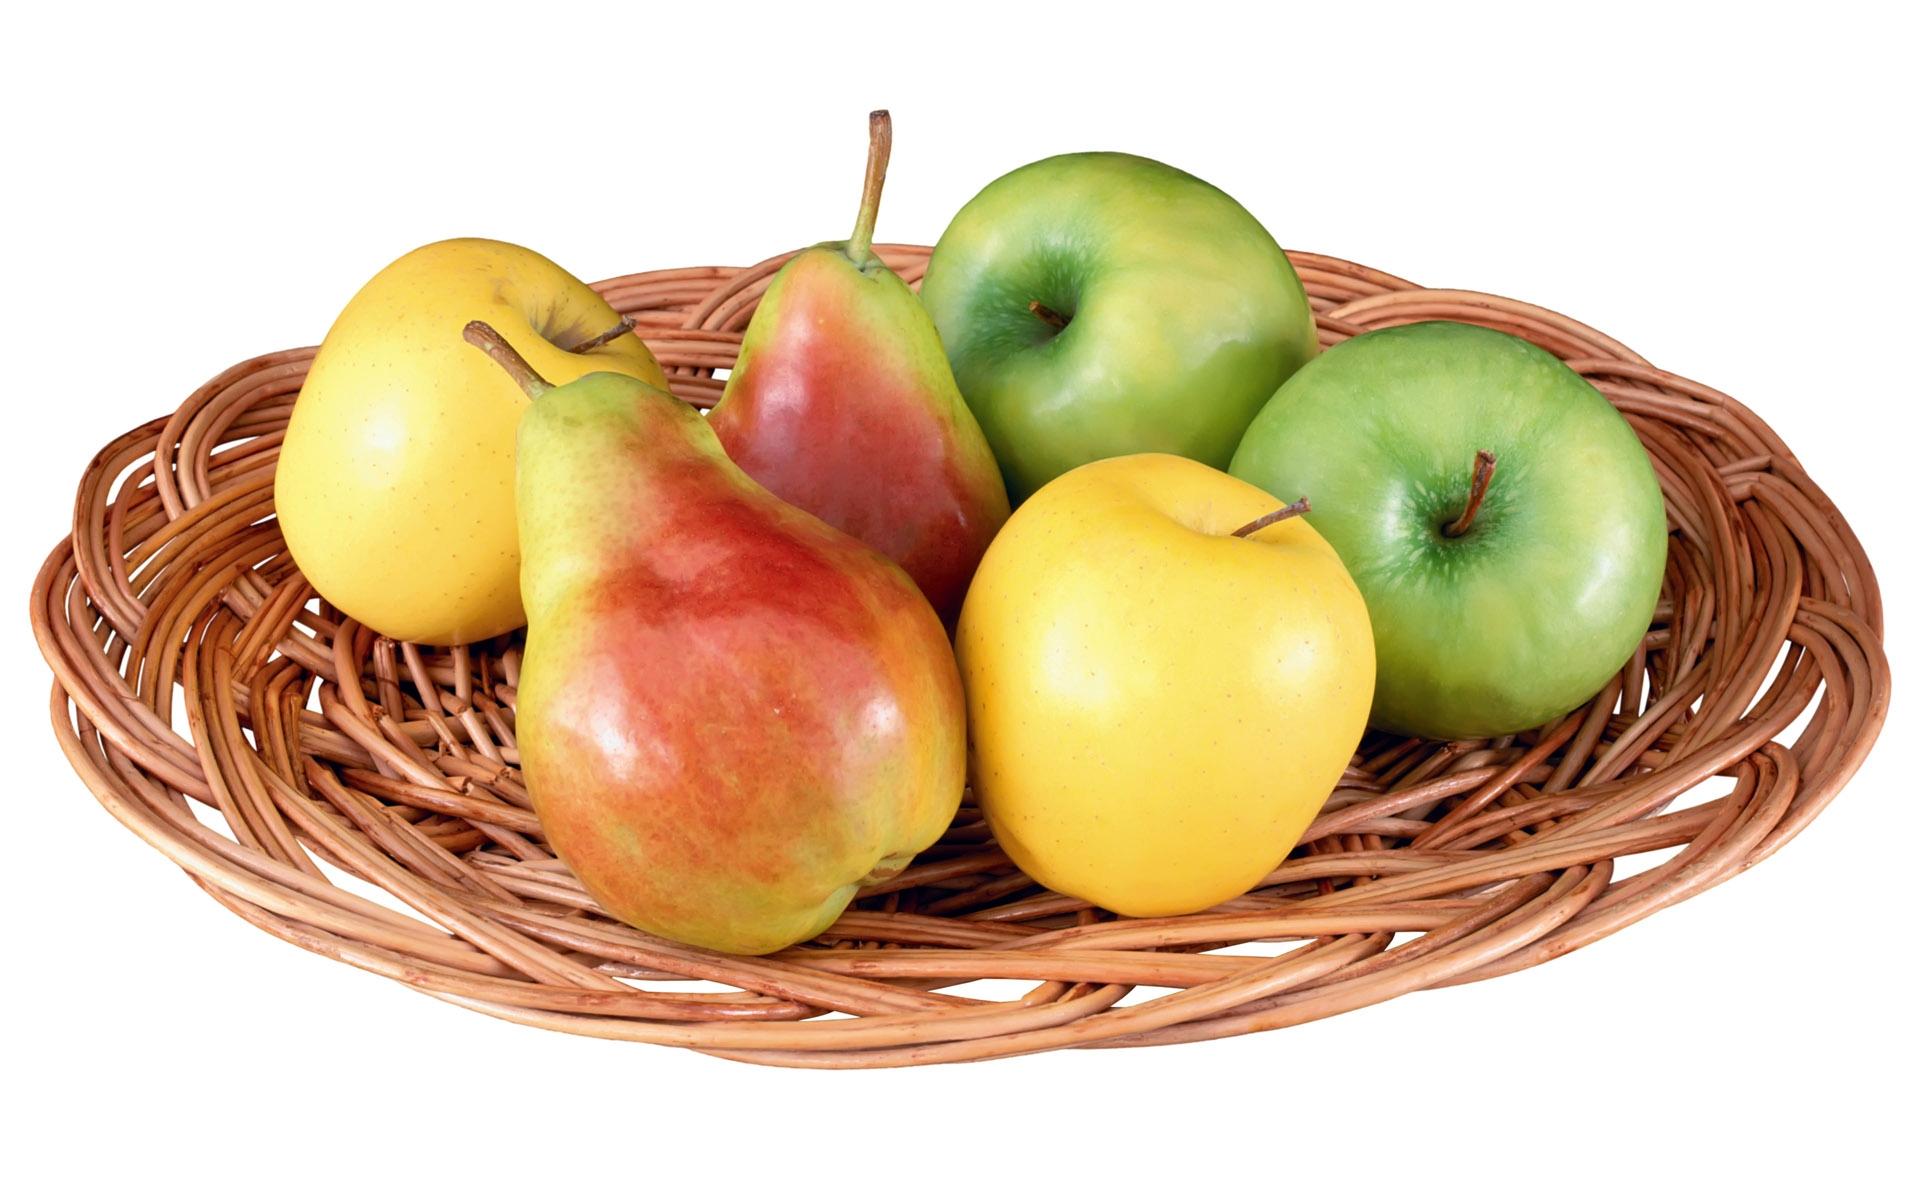 Аллергия на груши и яблоки